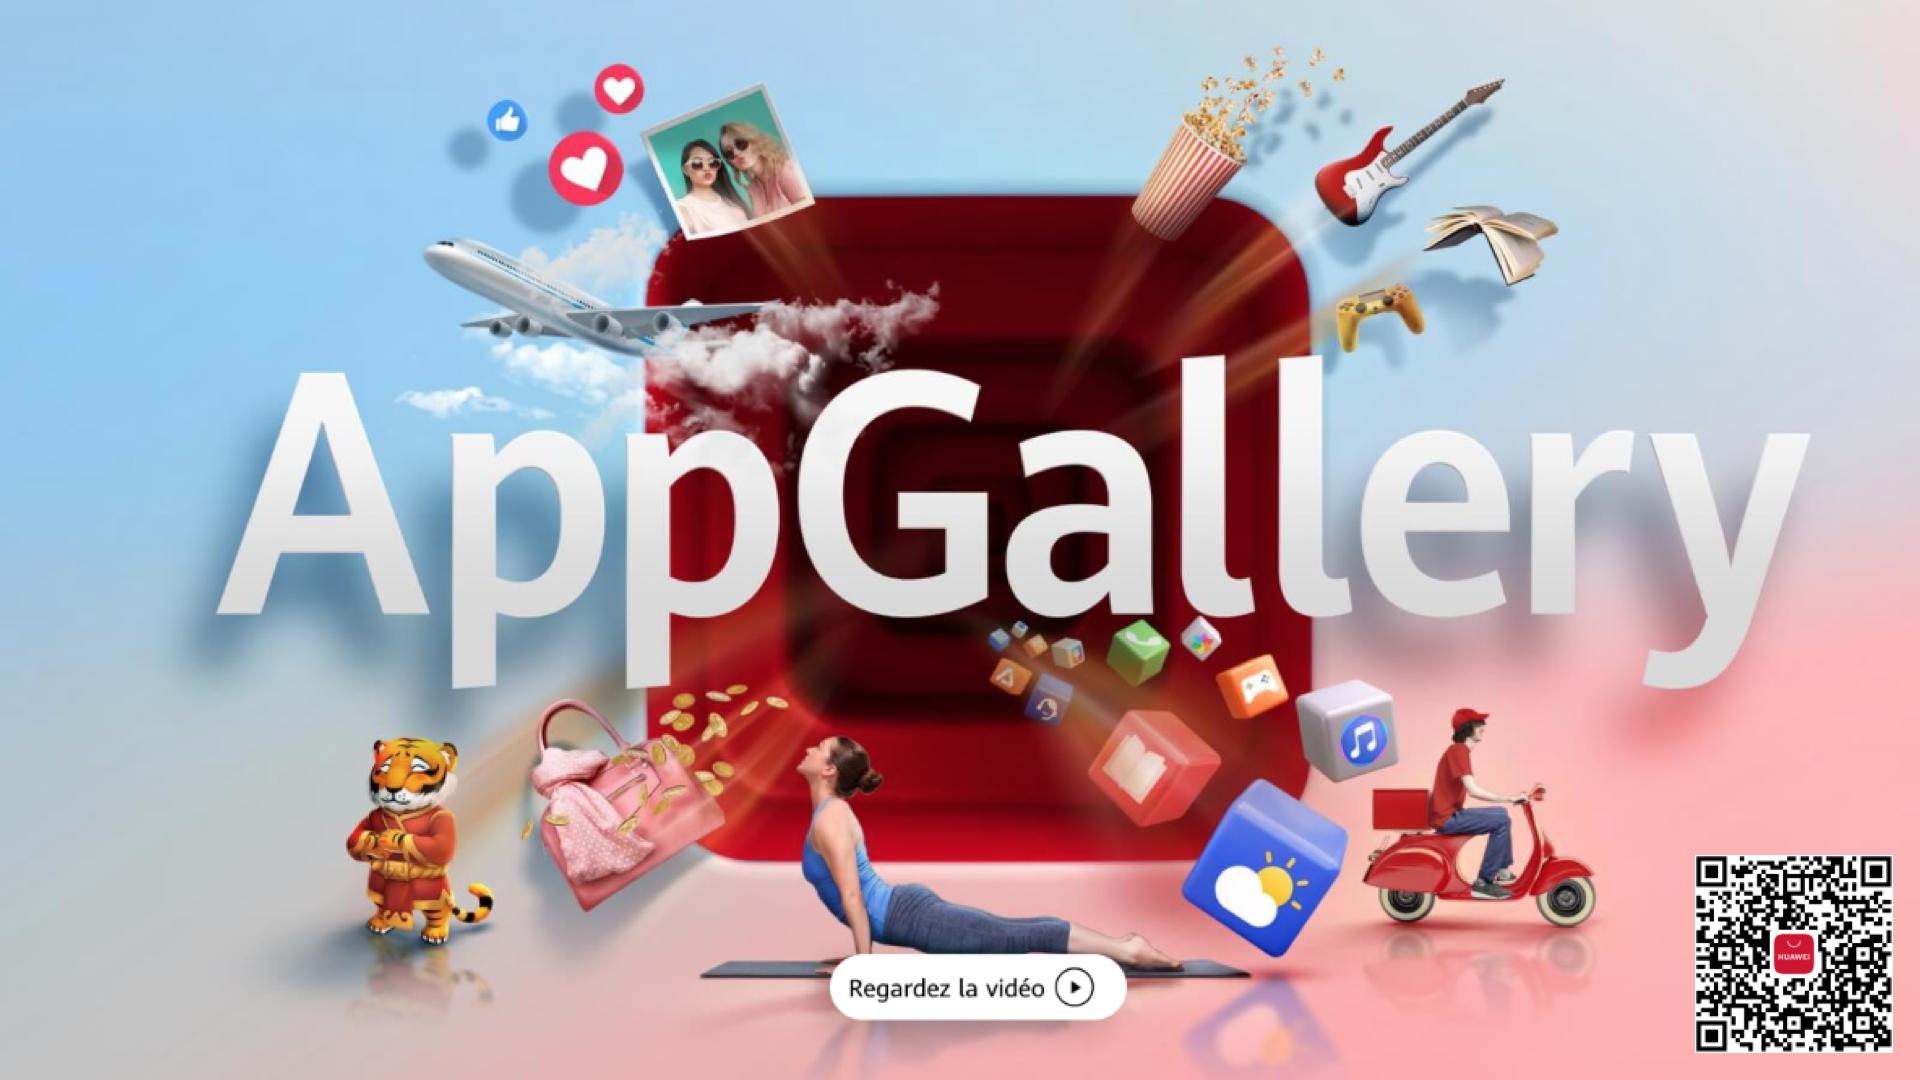 Huawei revendique un demi milliard d'utilisateurs de son AppGallery